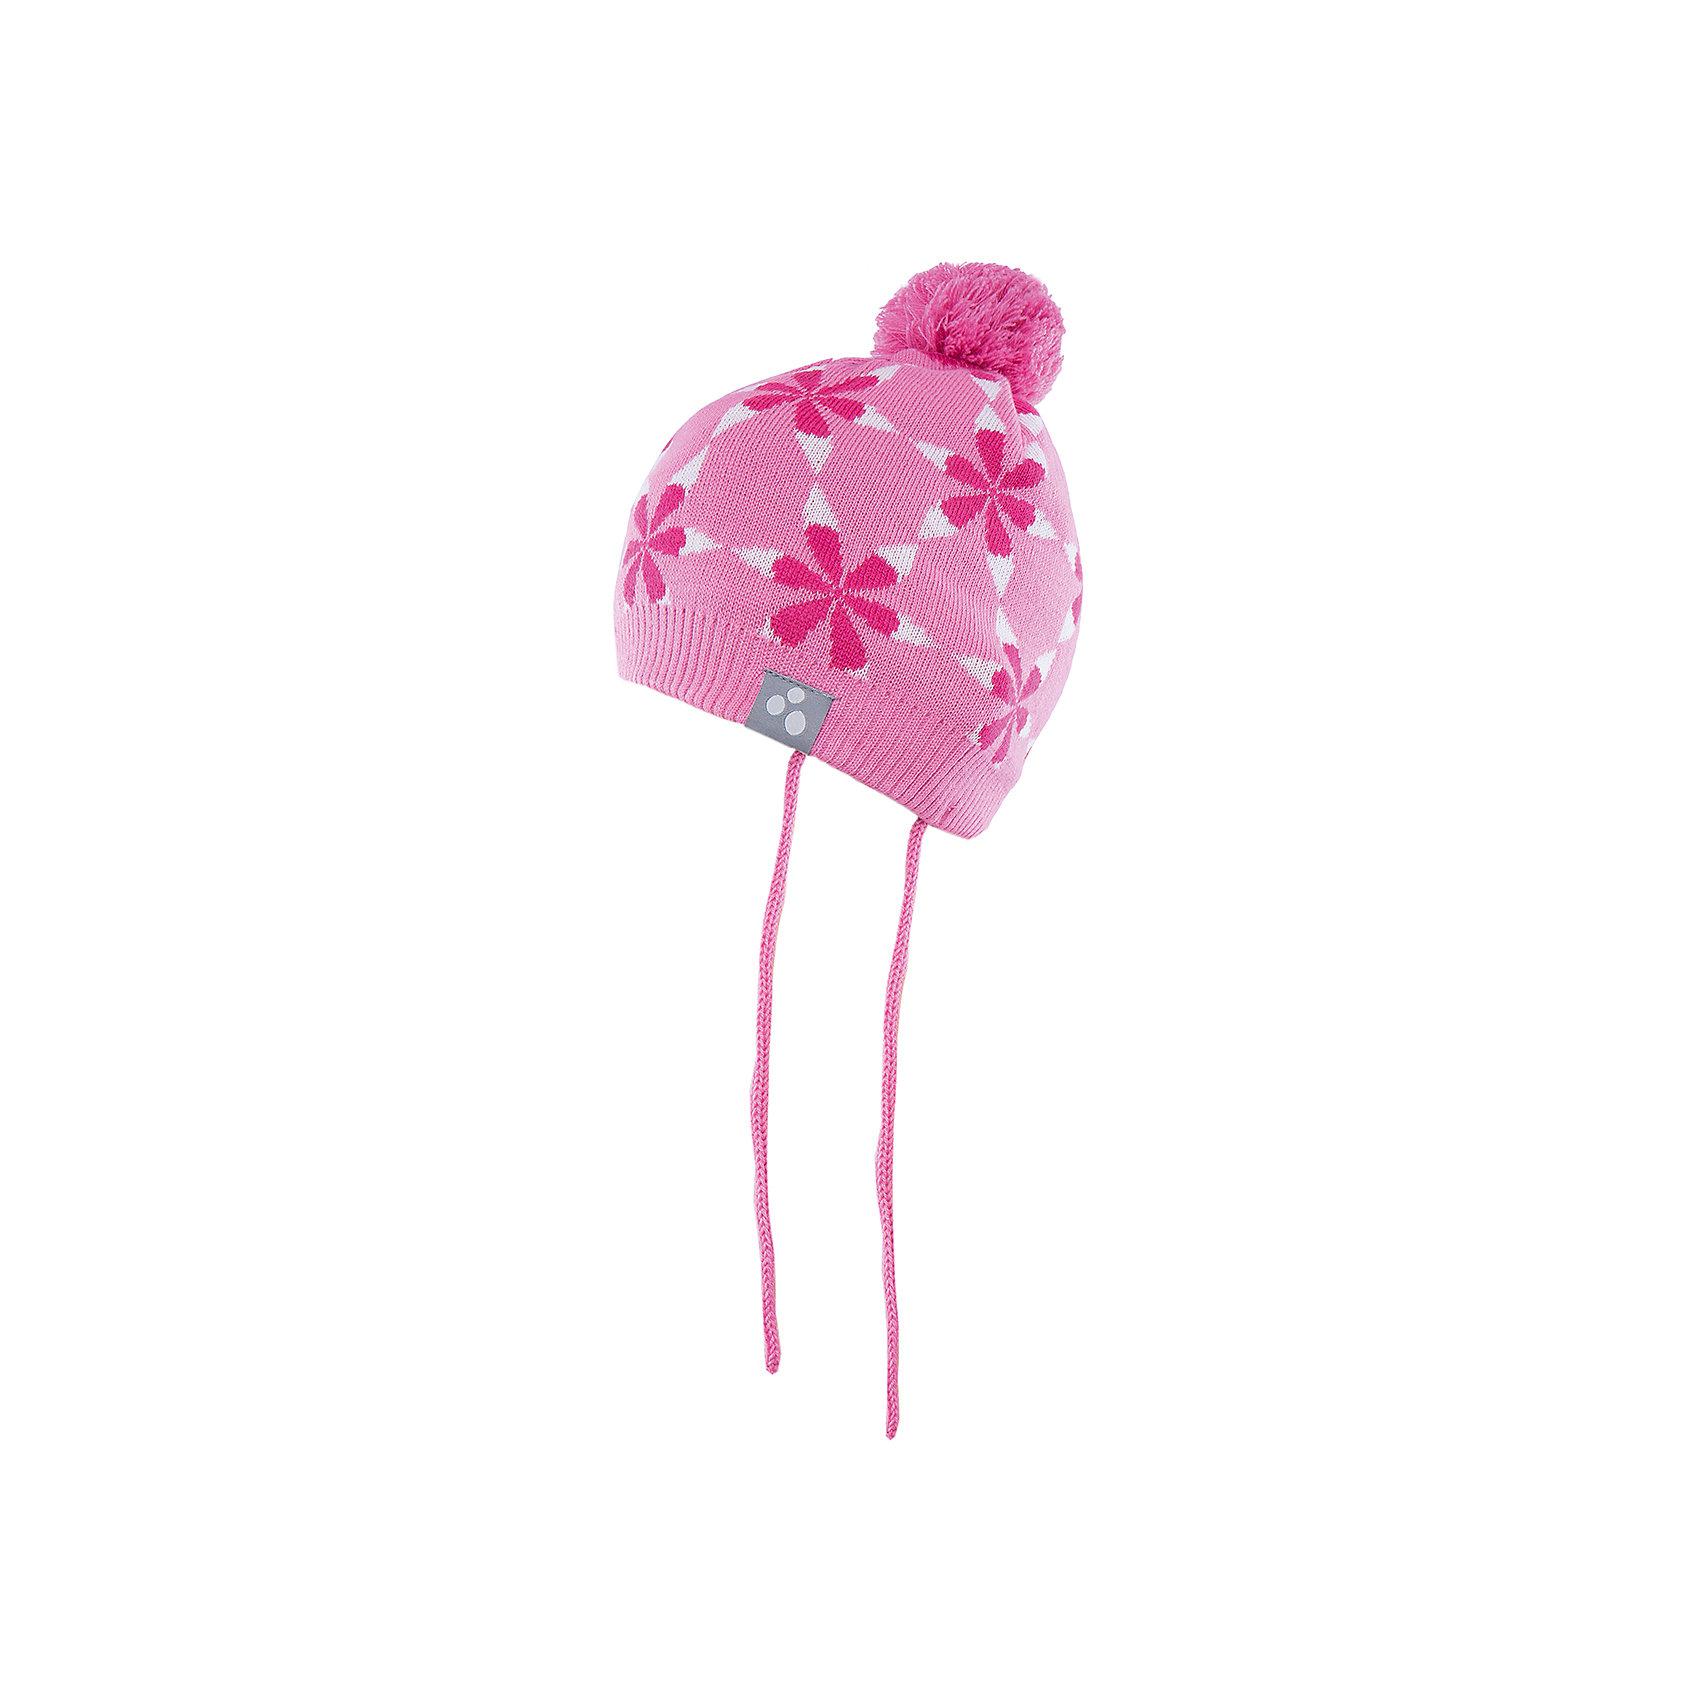 Шапка для девочки HuppaЗимние<br>Вязаная шапка ELI Huppa(Хуппа) изготовлена из материалов, которые отлично сохраняют тепло. Подкладка из хлопка приятна телу и не вызывает раздражения на коже. Шапка украшена цветочным орнаментом и помпоном. Есть светоотражающие элементы.<br><br>Дополнительная информация:<br>Материал: 50% шерсть мериноса, 50% акрил<br>Подкладка: хлопок<br>Цвет: розовый<br><br>Вы можете купить шапку ELI Huppa(Хуппа) в нашем интернет-магазине.<br><br>Ширина мм: 89<br>Глубина мм: 117<br>Высота мм: 44<br>Вес г: 155<br>Цвет: розовый<br>Возраст от месяцев: 9<br>Возраст до месяцев: 12<br>Пол: Женский<br>Возраст: Детский<br>Размер: 43-45,51-53,47-49<br>SKU: 4923850